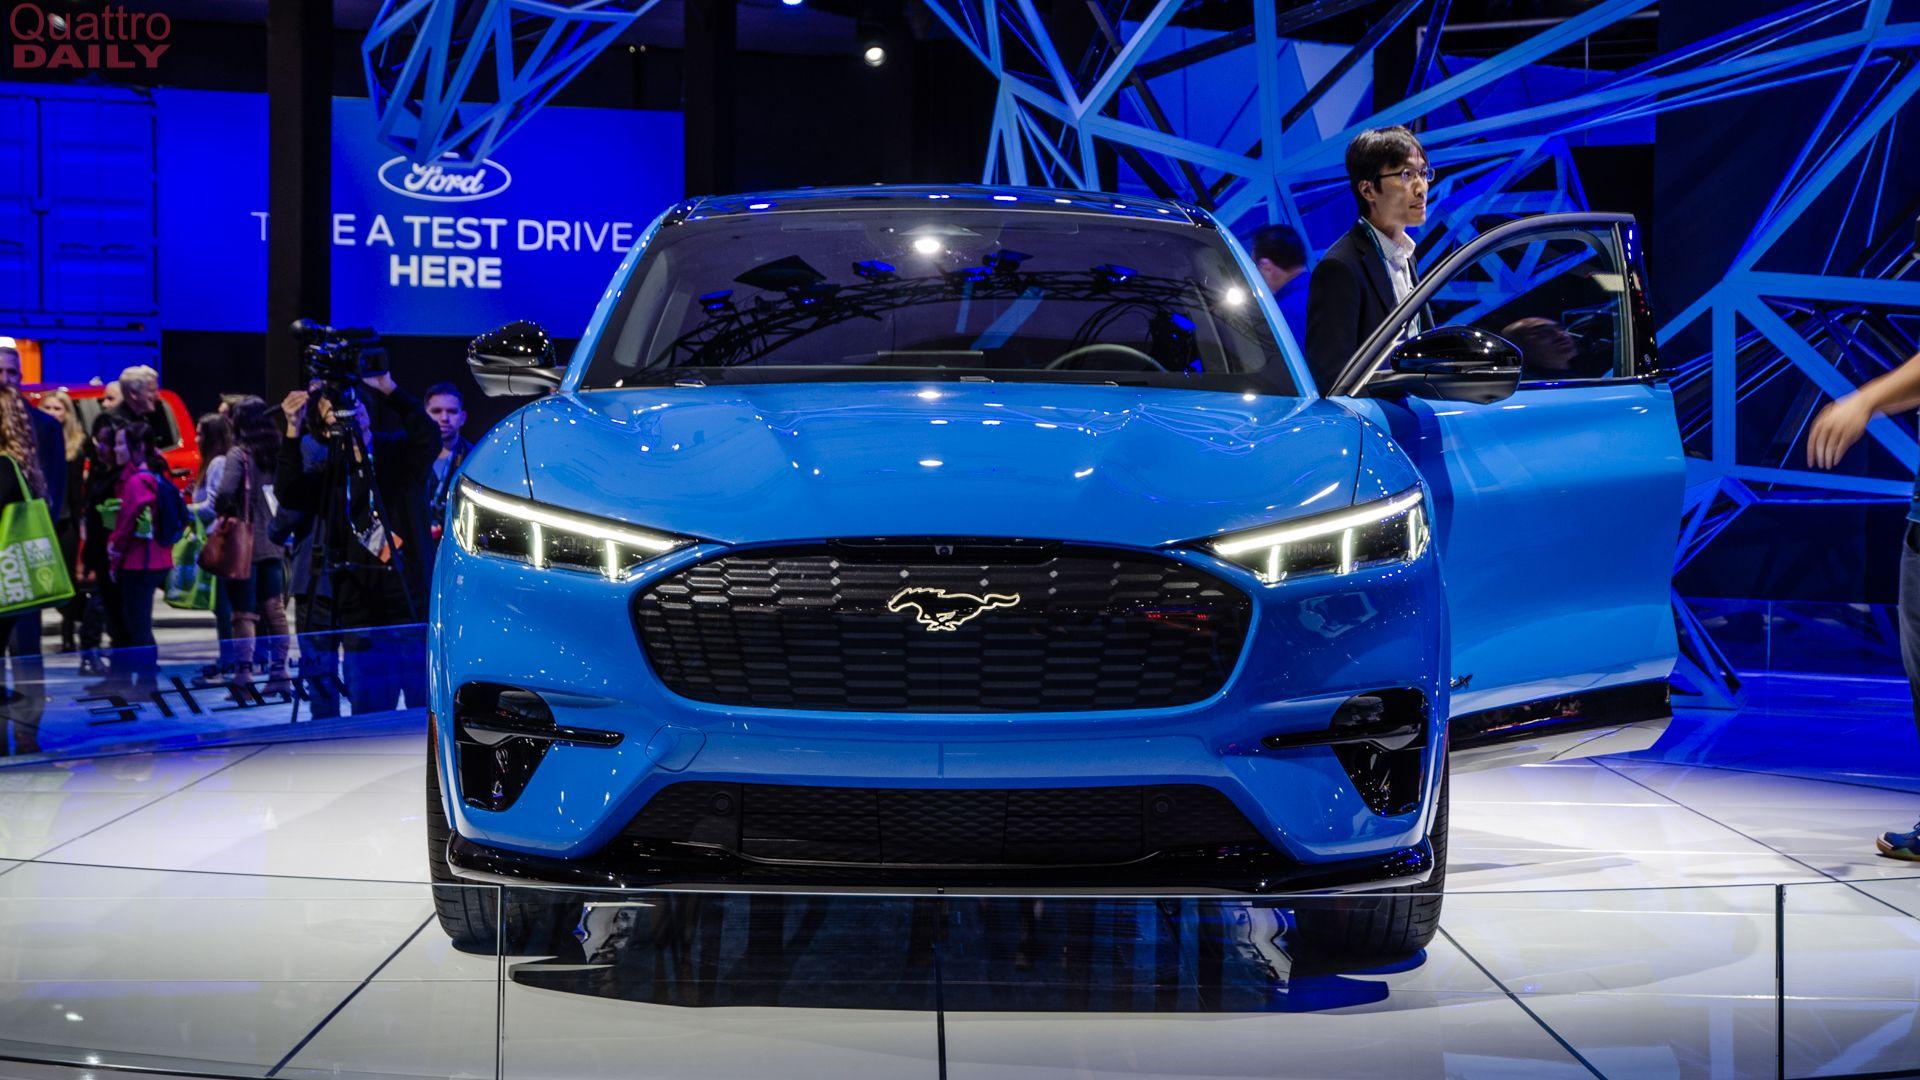 2019 La Auto Show Ford Mustang Mach E E Tron Sportback Fighter Ford Mustang Mustang New Ford Mustang